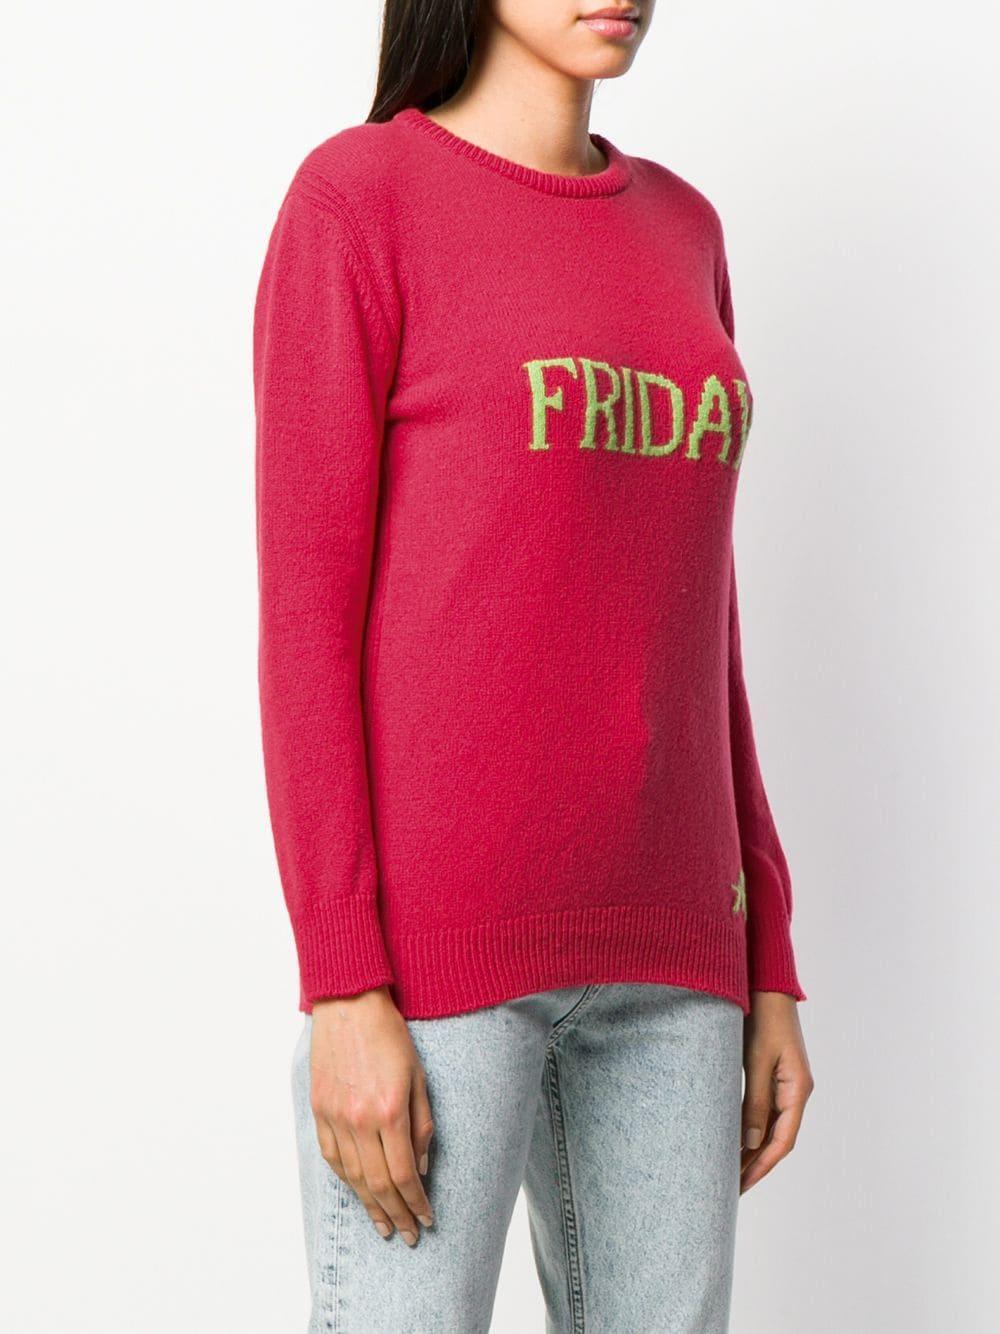 Jersey Friday Alberta Ferretti de Cachemir de color Rosa